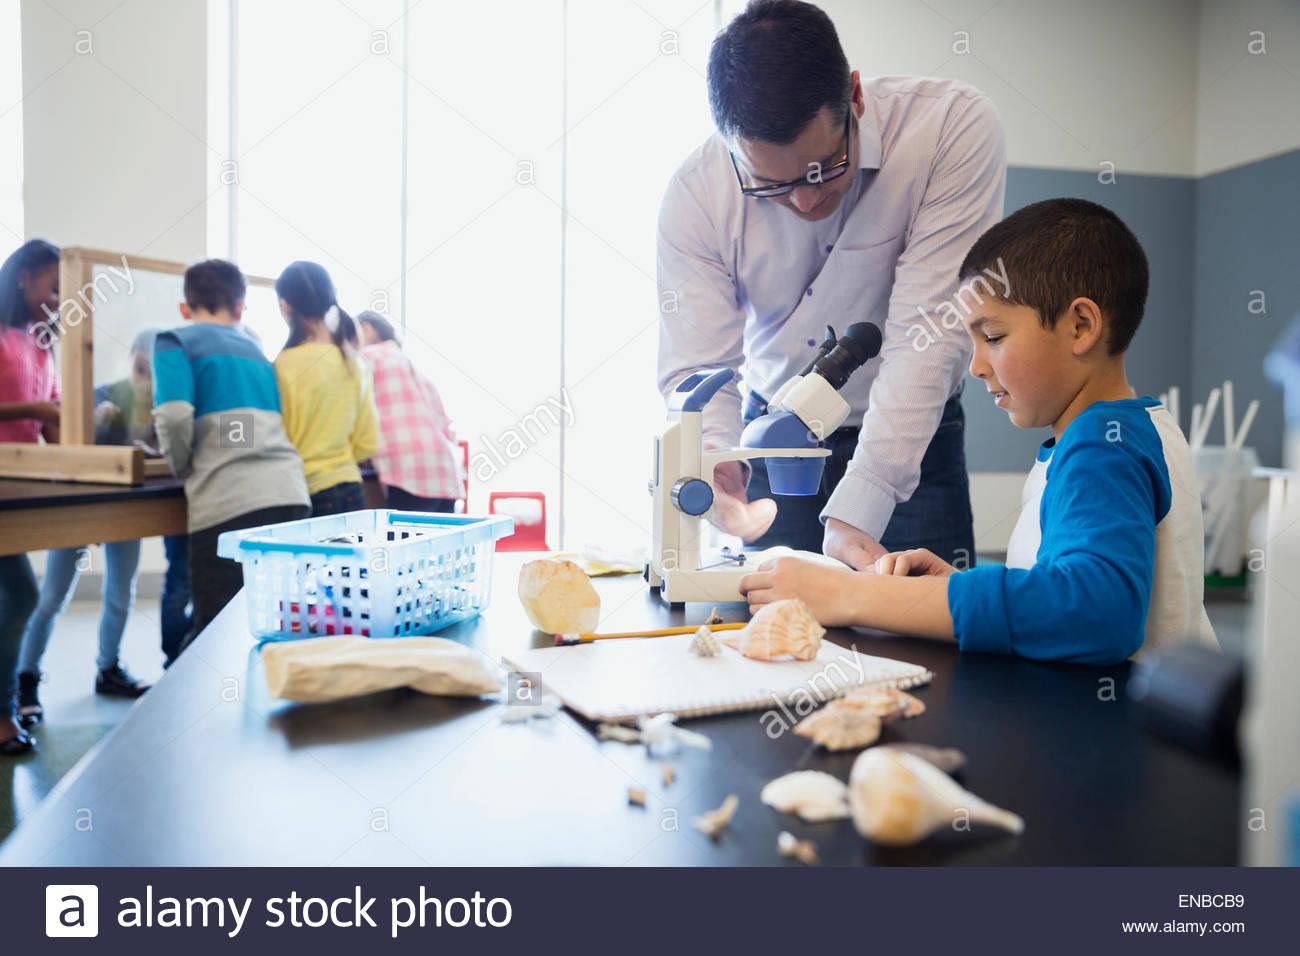 Maestro e scolaro al microscopio della scienza in aula di laboratorio Immagini Stock